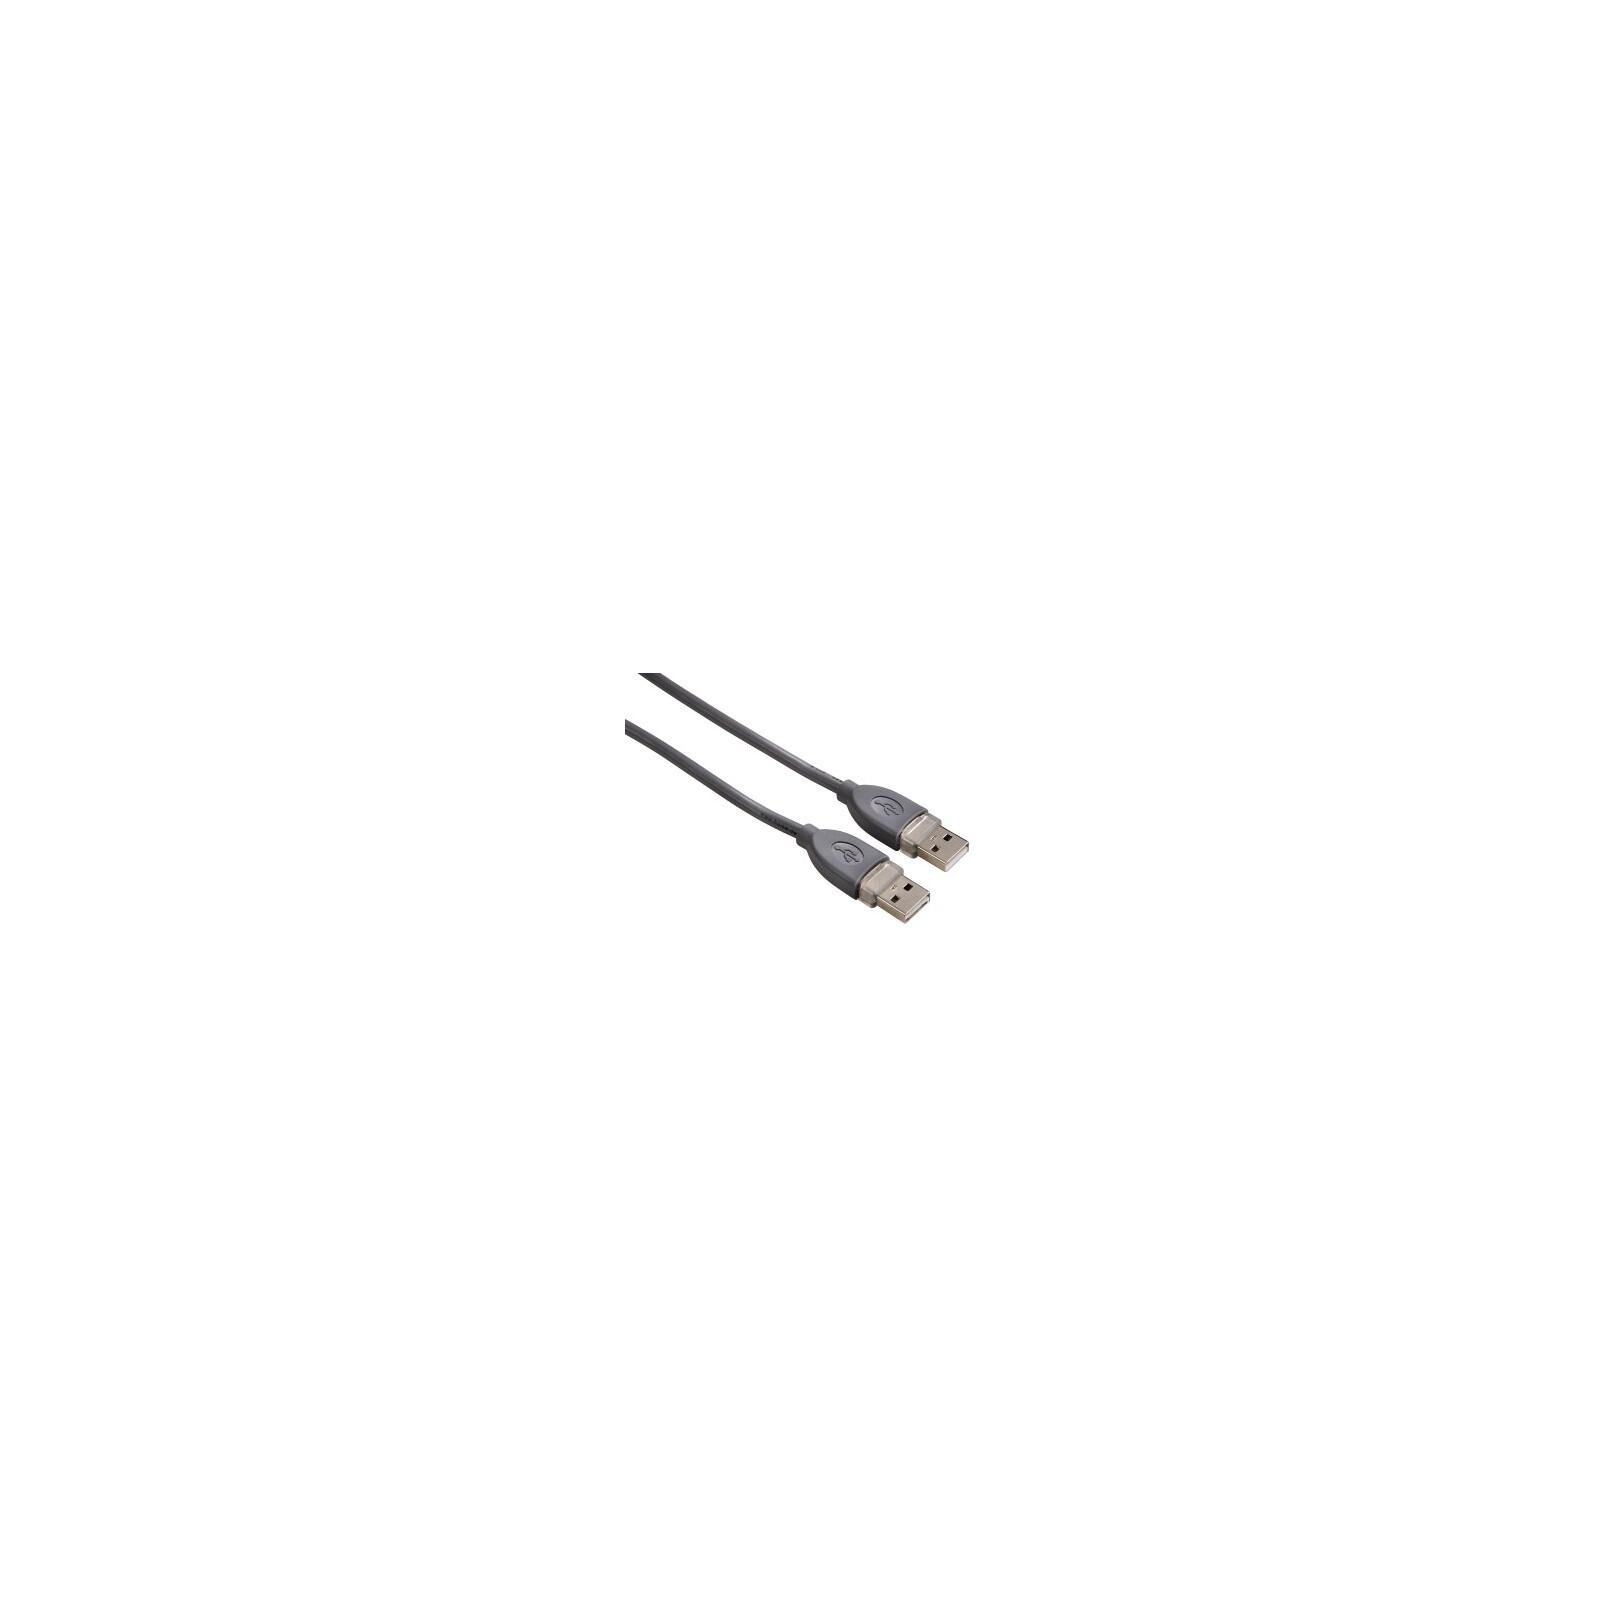 Hama 39664 USB-2.0-Kabel (A-A), geschirmt, 1,80 m, Grau